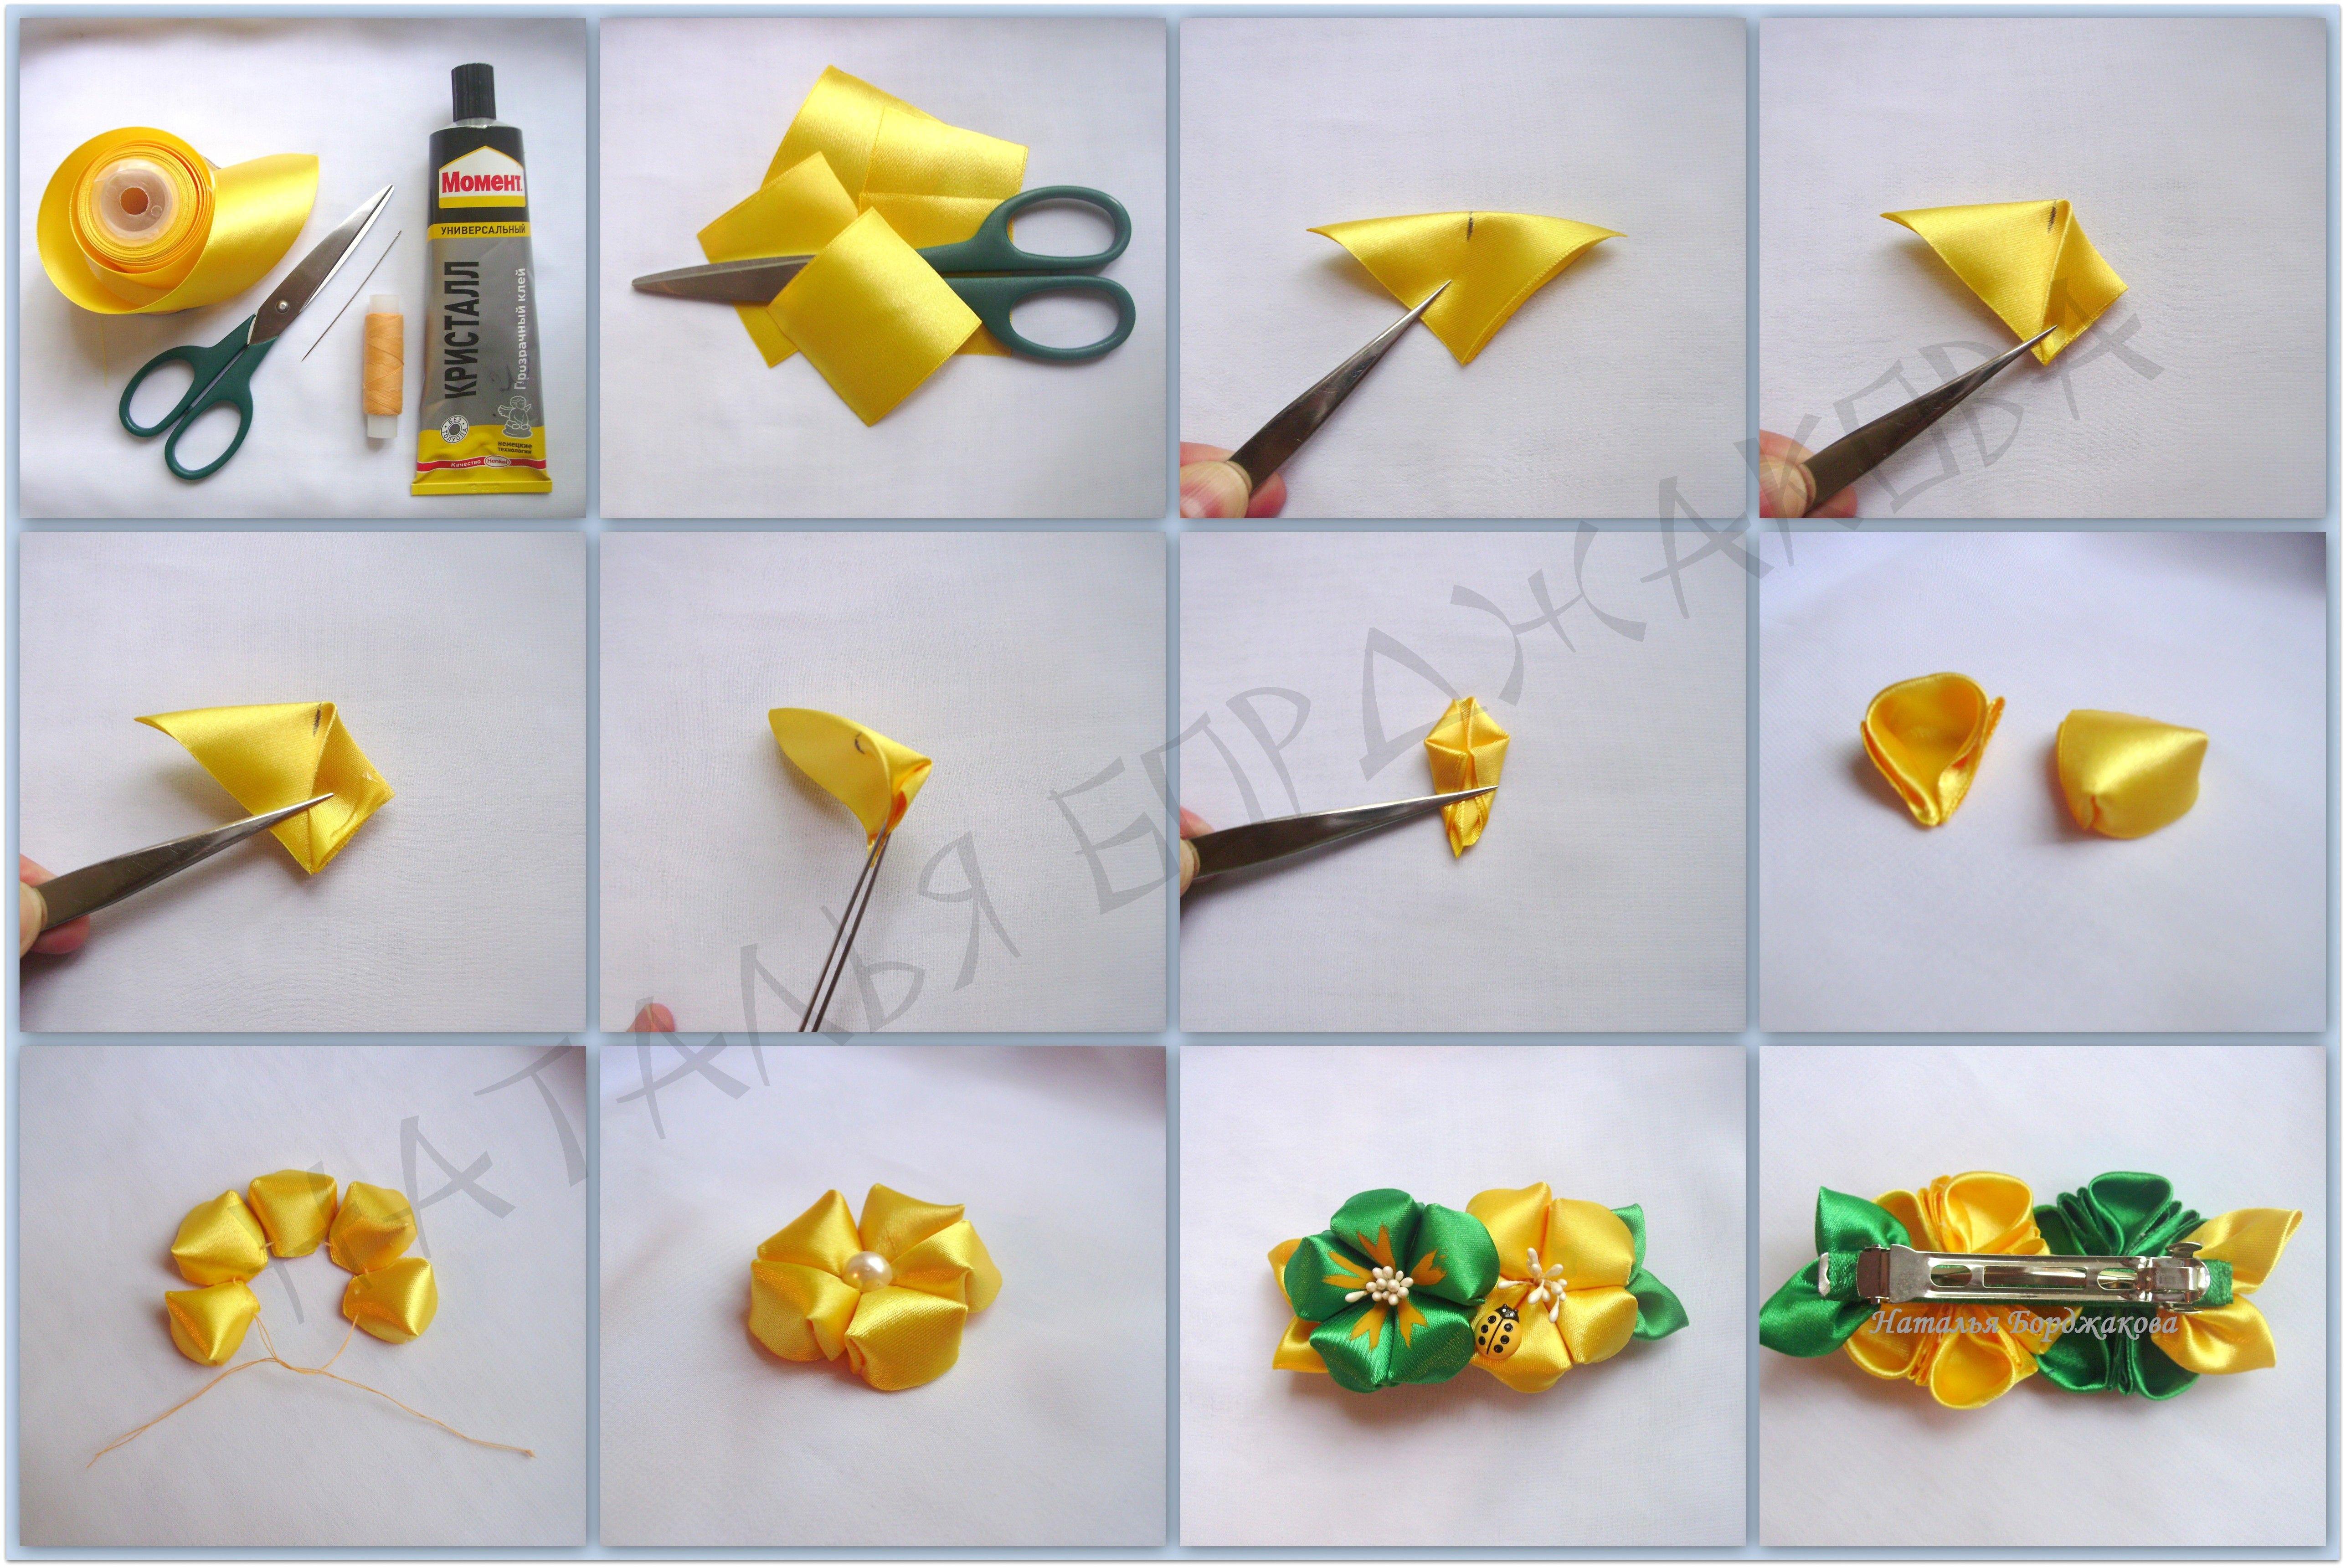 Заколки своими руками - советы мастеров как изготовить красивые заколки (100 фото)